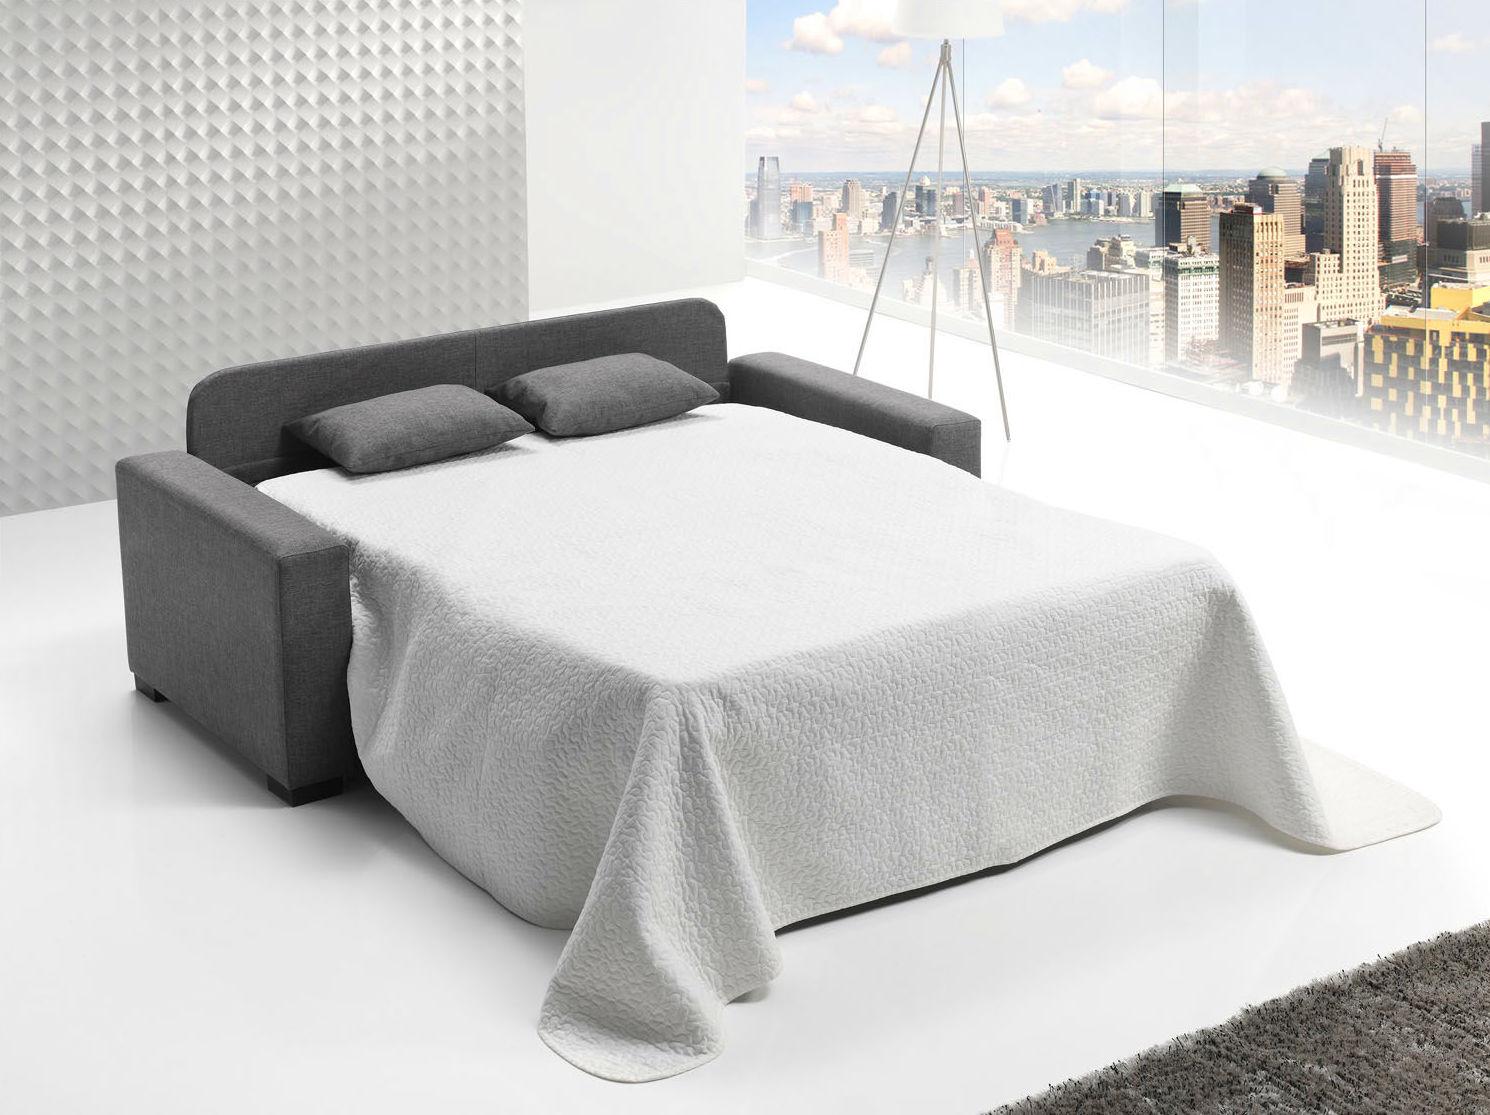 Sofa Cama : Productos y servicios de Ahorra Mobel